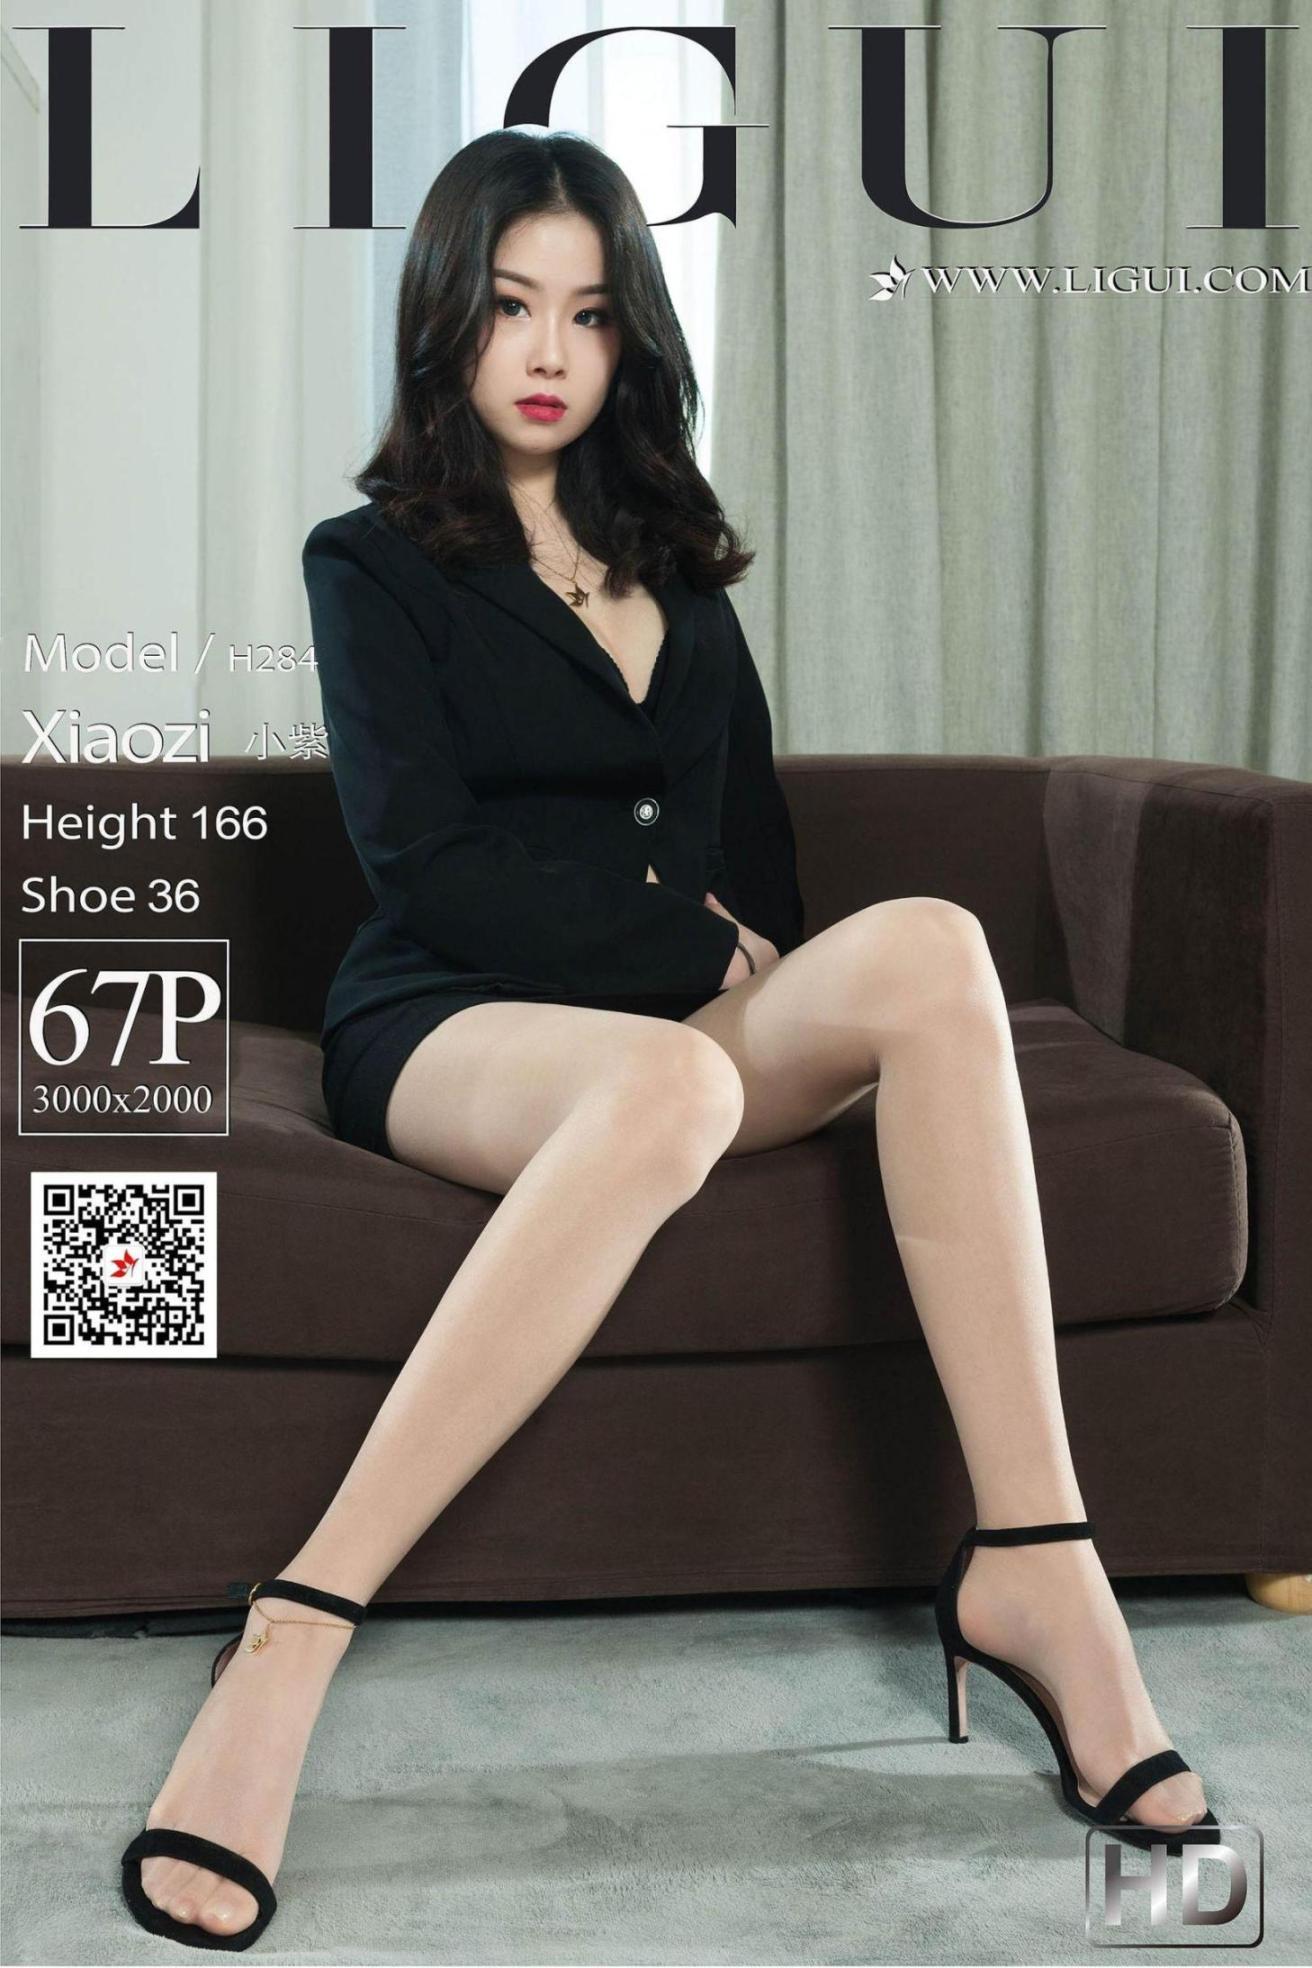 [网络美女] 网络美女 长腿高跟肉丝OL 高清写真套图